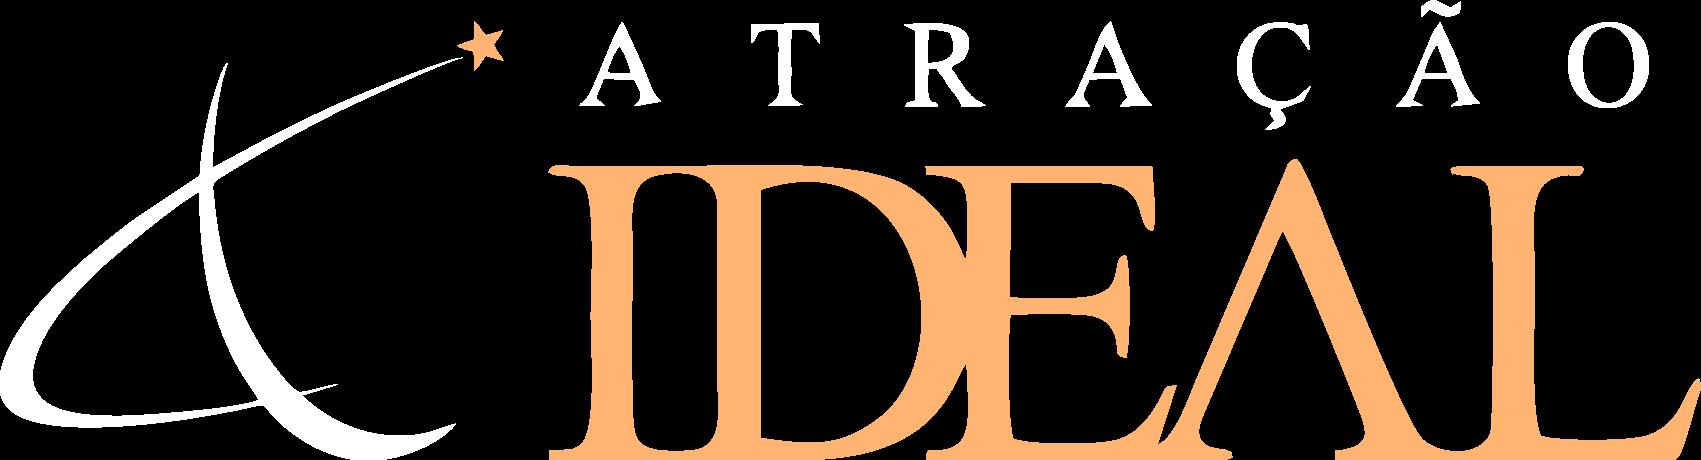 Atração Ideal | Site Oficial